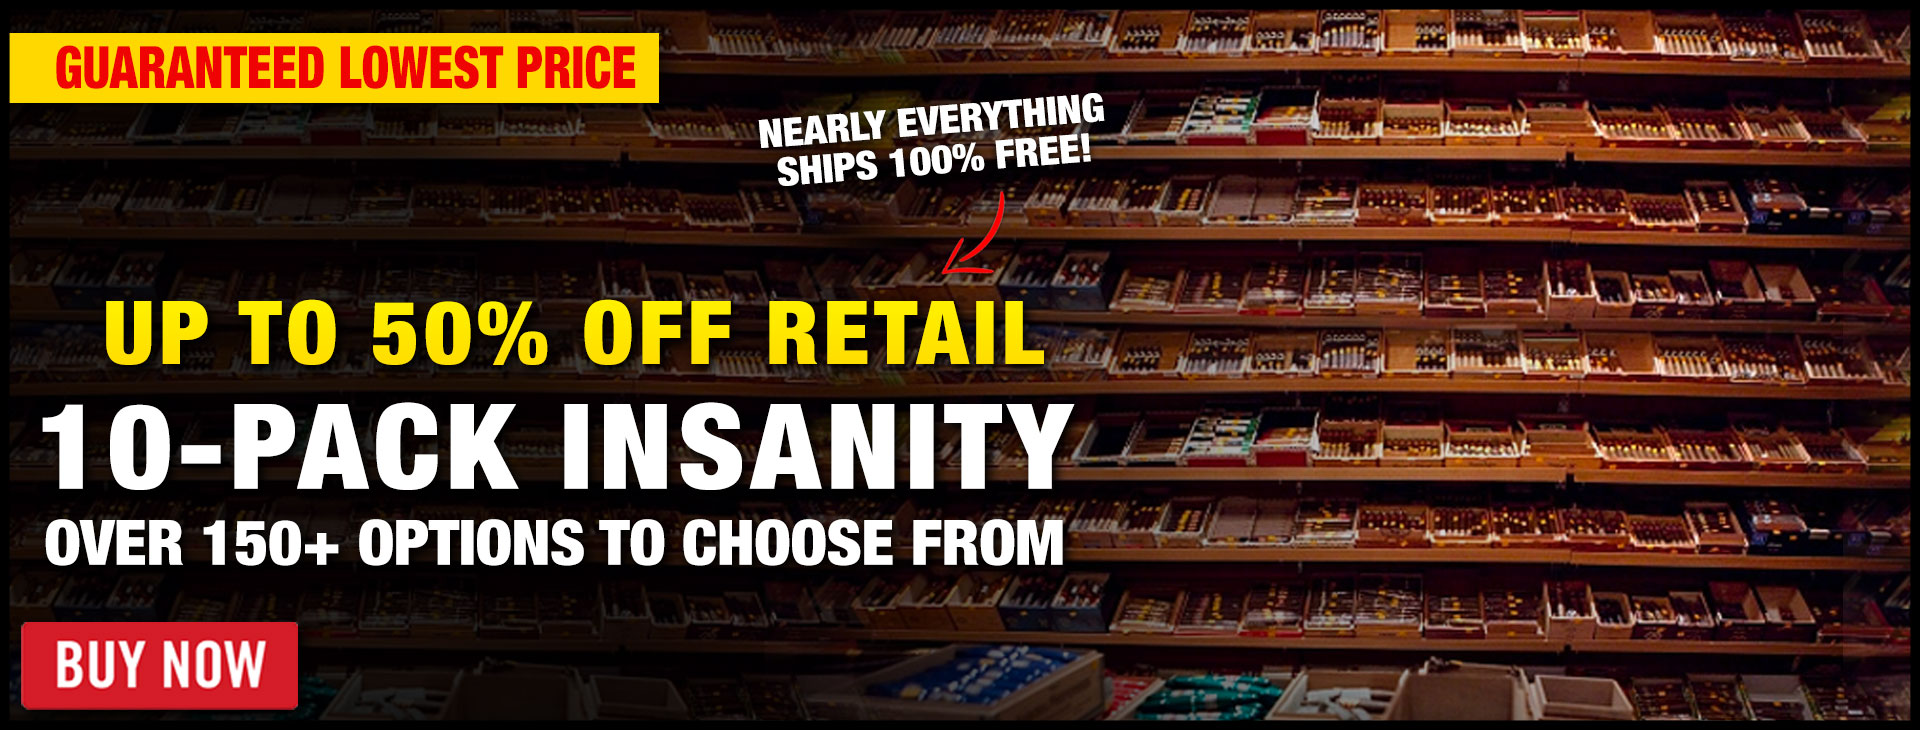 10-pack-insanity-2020-banner-2.jpg